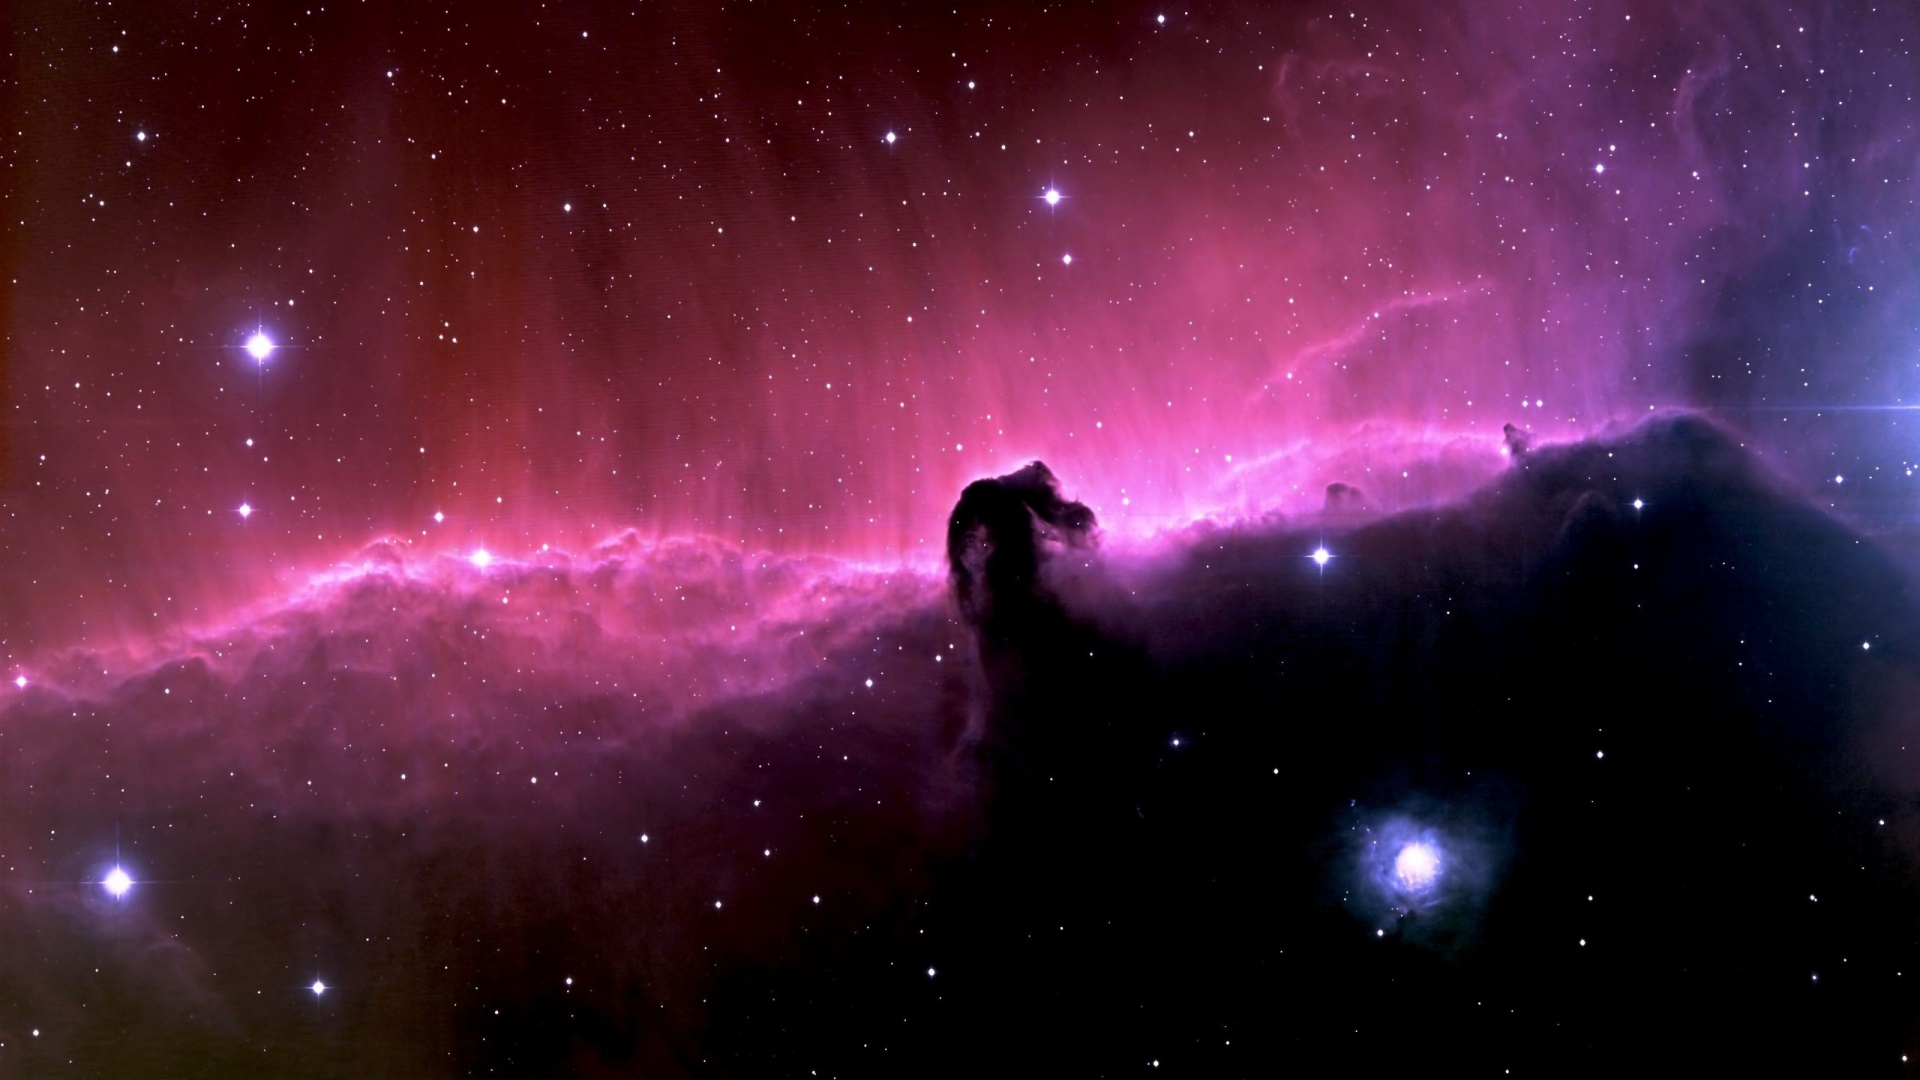 horsehead-nebula-1920x1080